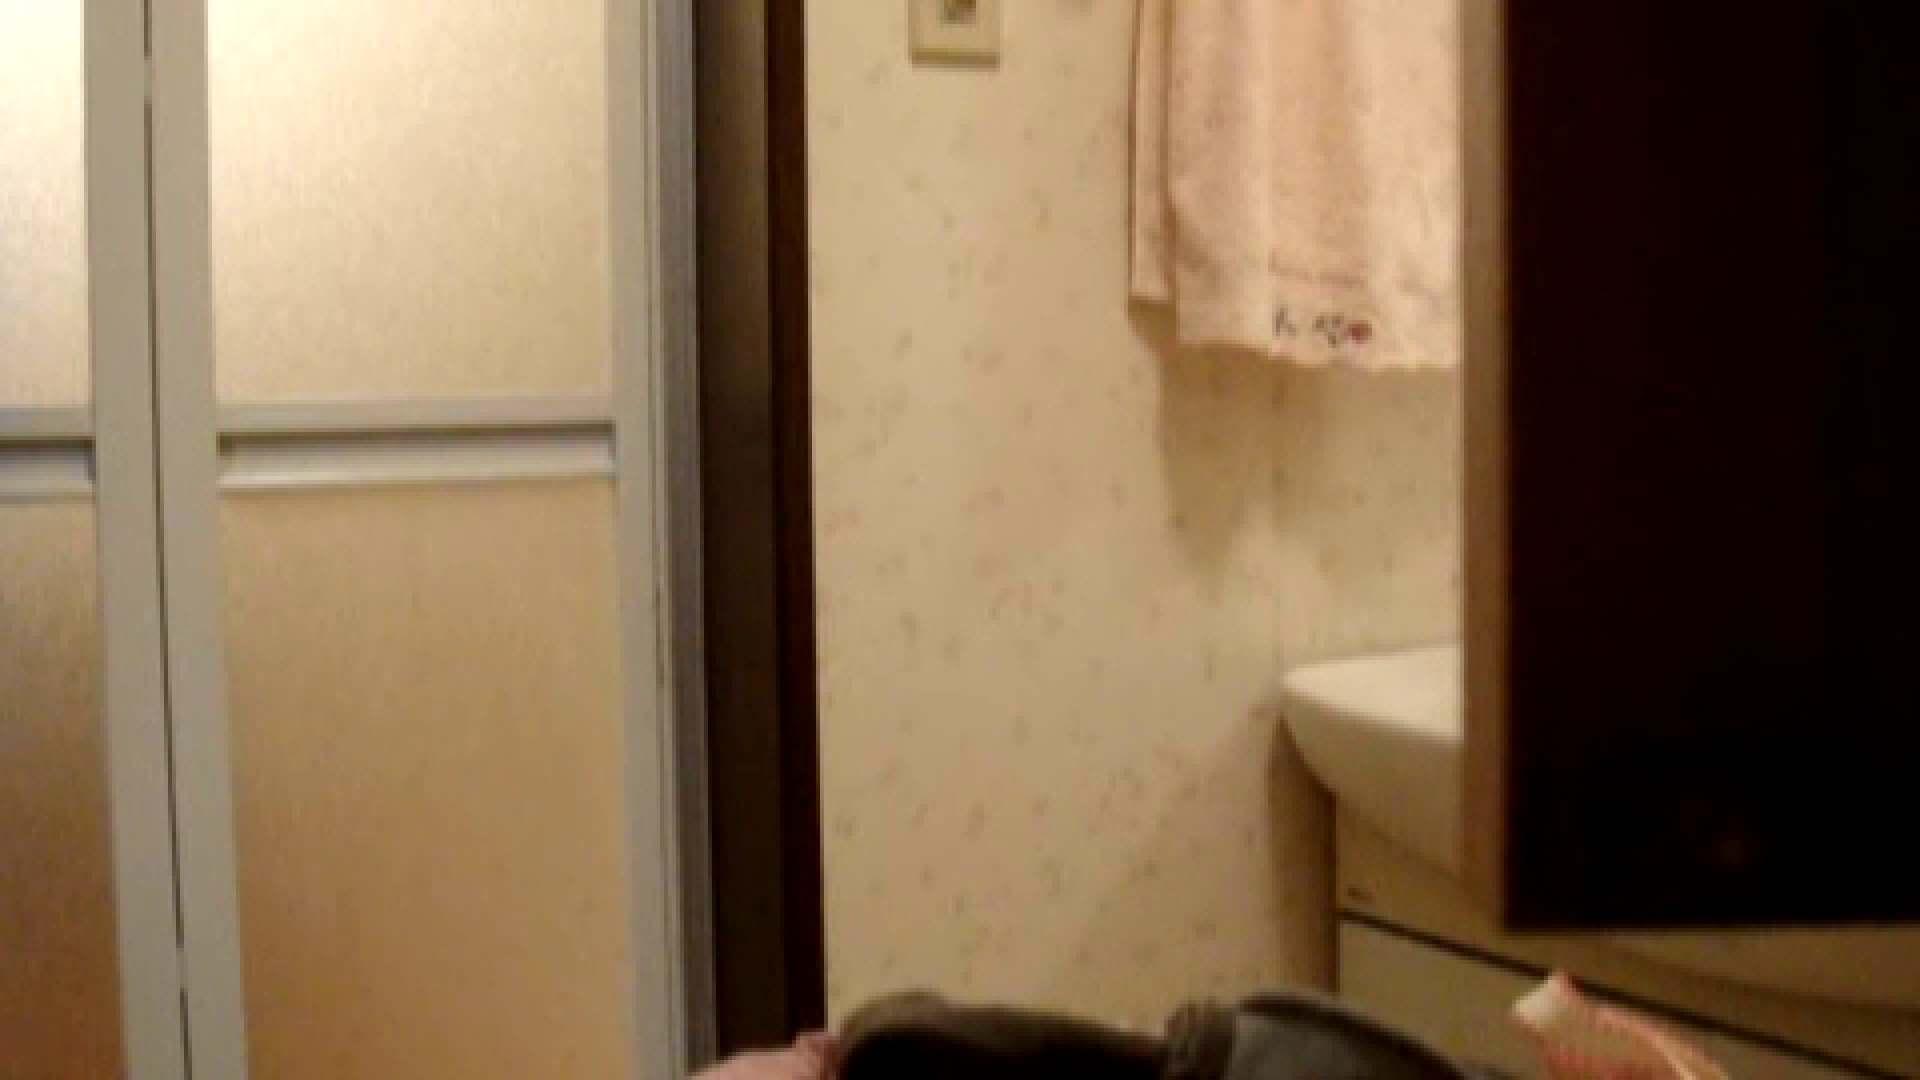 二人とも育てた甲斐がありました… vol.08 まどかの入浴中にカメラに気付いたか!? OLのエロ生活   ギャル入浴  71連発 37